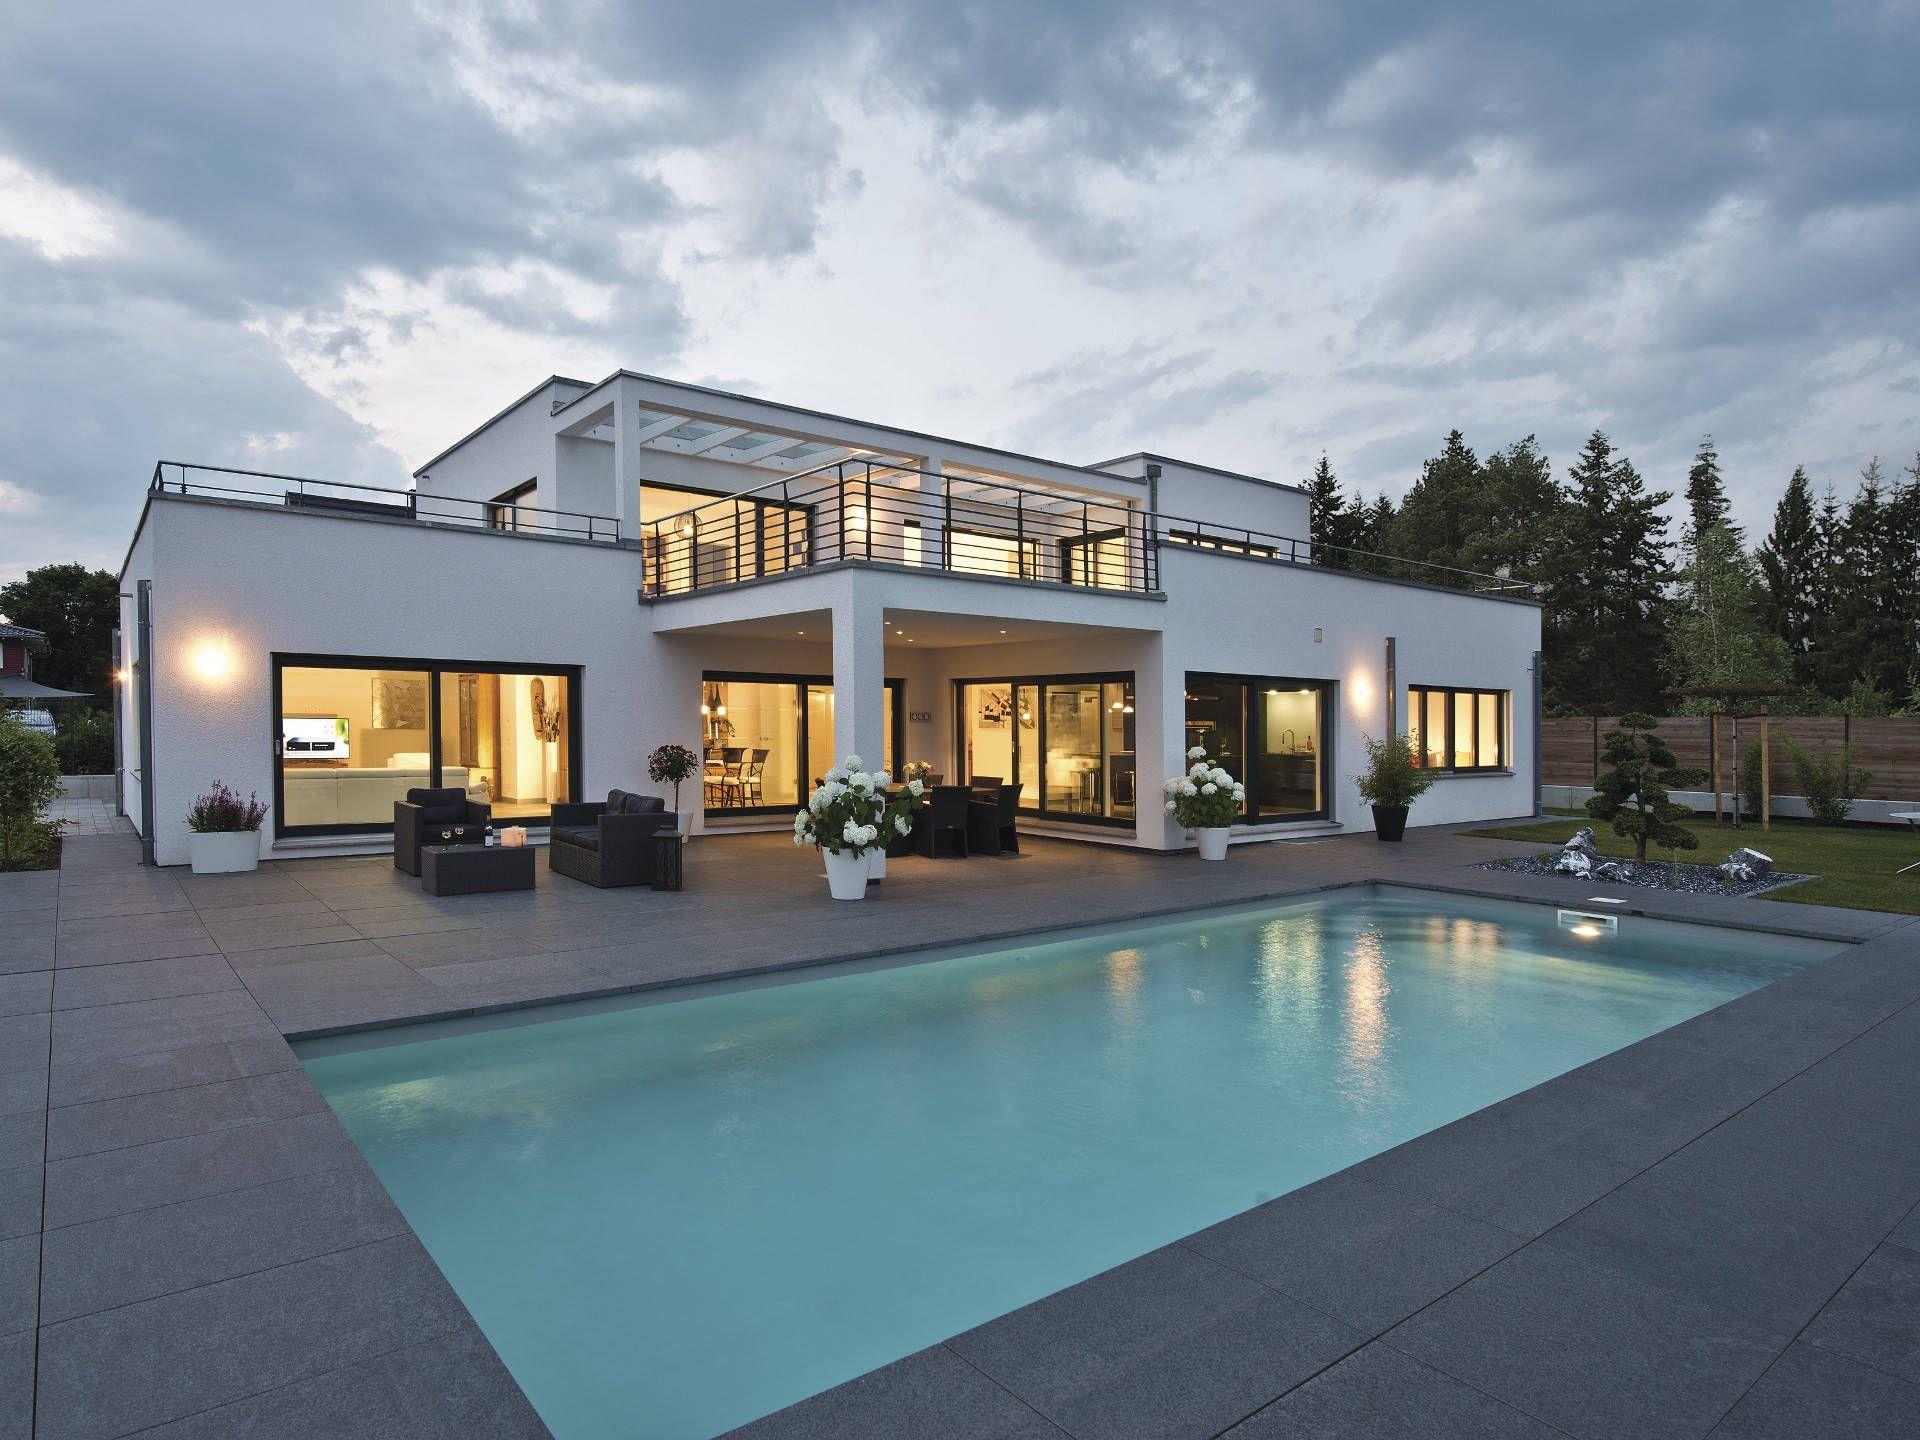 Luxusvilla im Bauhaus-Stil • Luxushaus von WeberHaus • Modernes ...